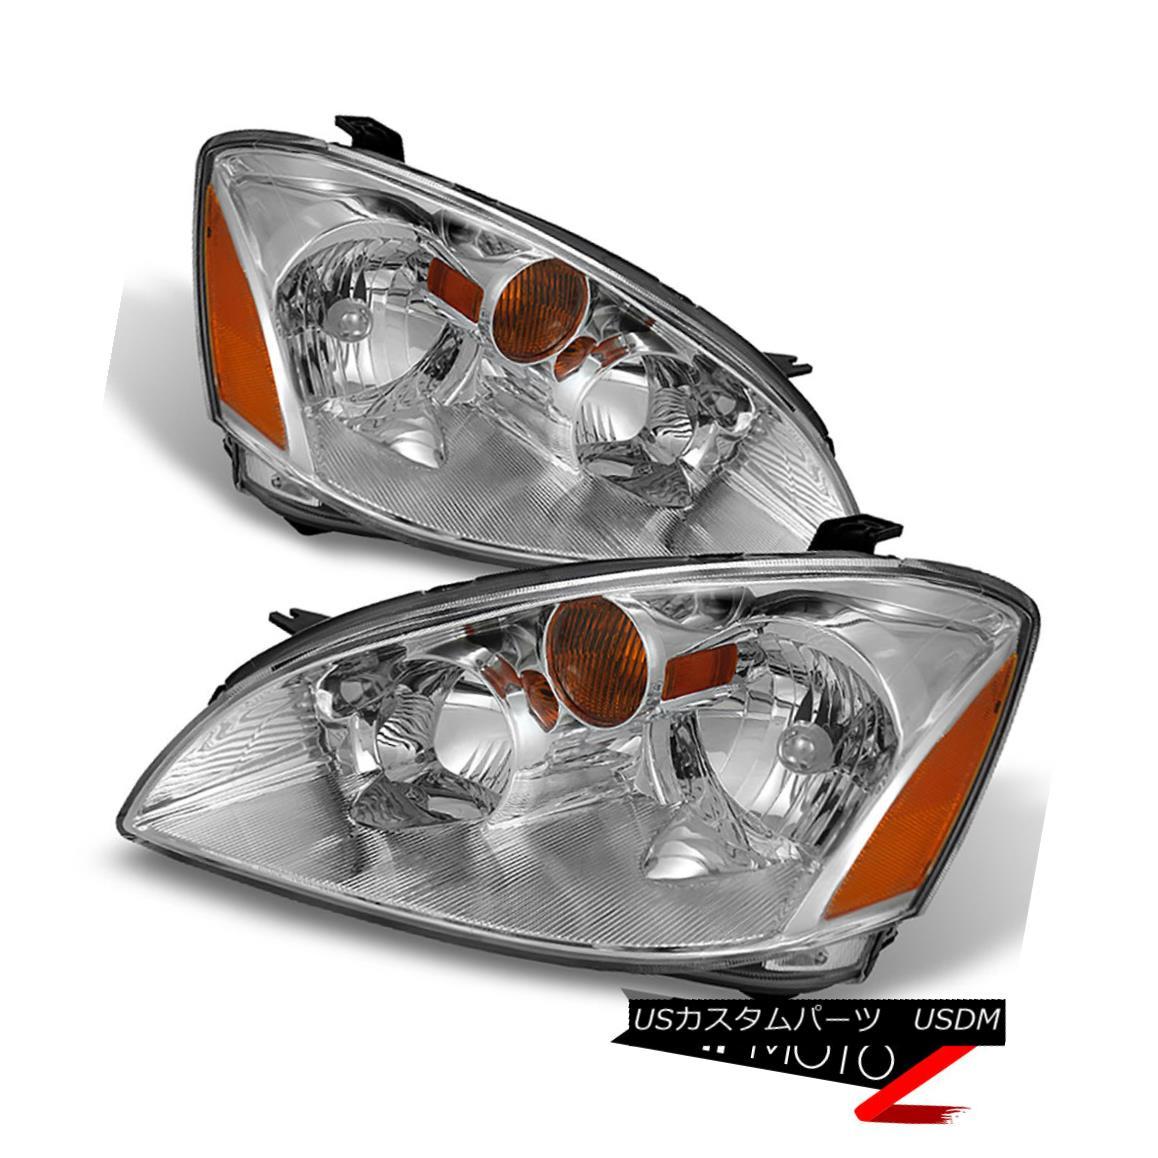 ヘッドライト For 2002 2003 2004 Altima 4D Sedan Factory Style LEFT RIGHT Headlights Assembly 2002年2003年Altima 4DセダンファクトリースタイルLEFT RIGHTヘッドライトアセンブリ